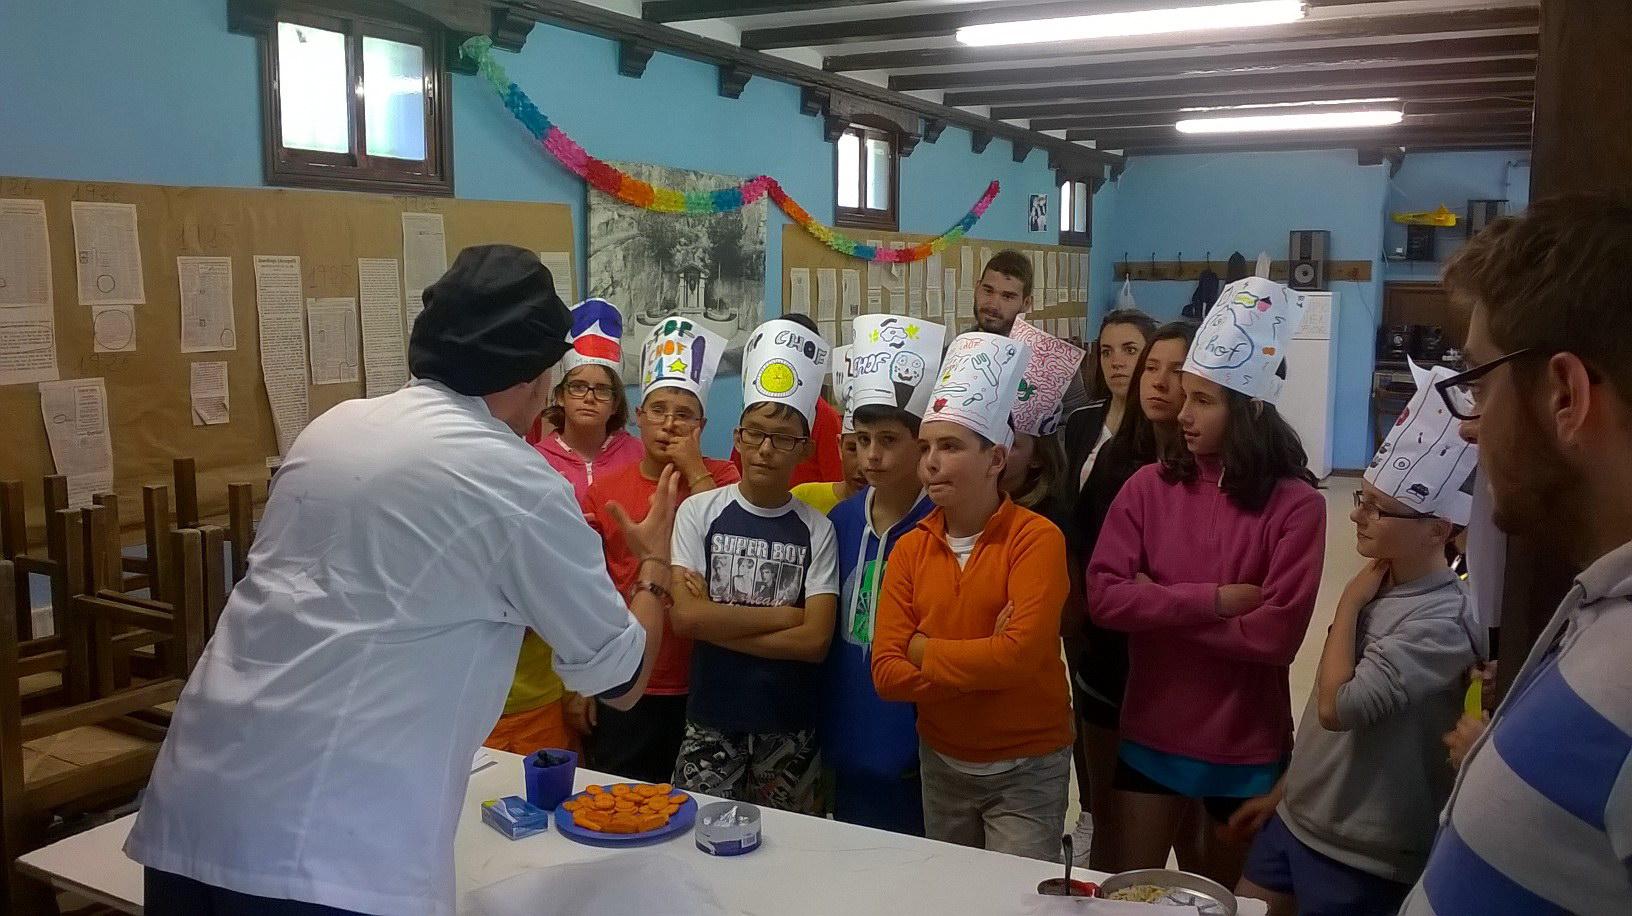 Campamentos de verano en España Navarra niños adolescentes jóvenes cocina chef Grupo Joven